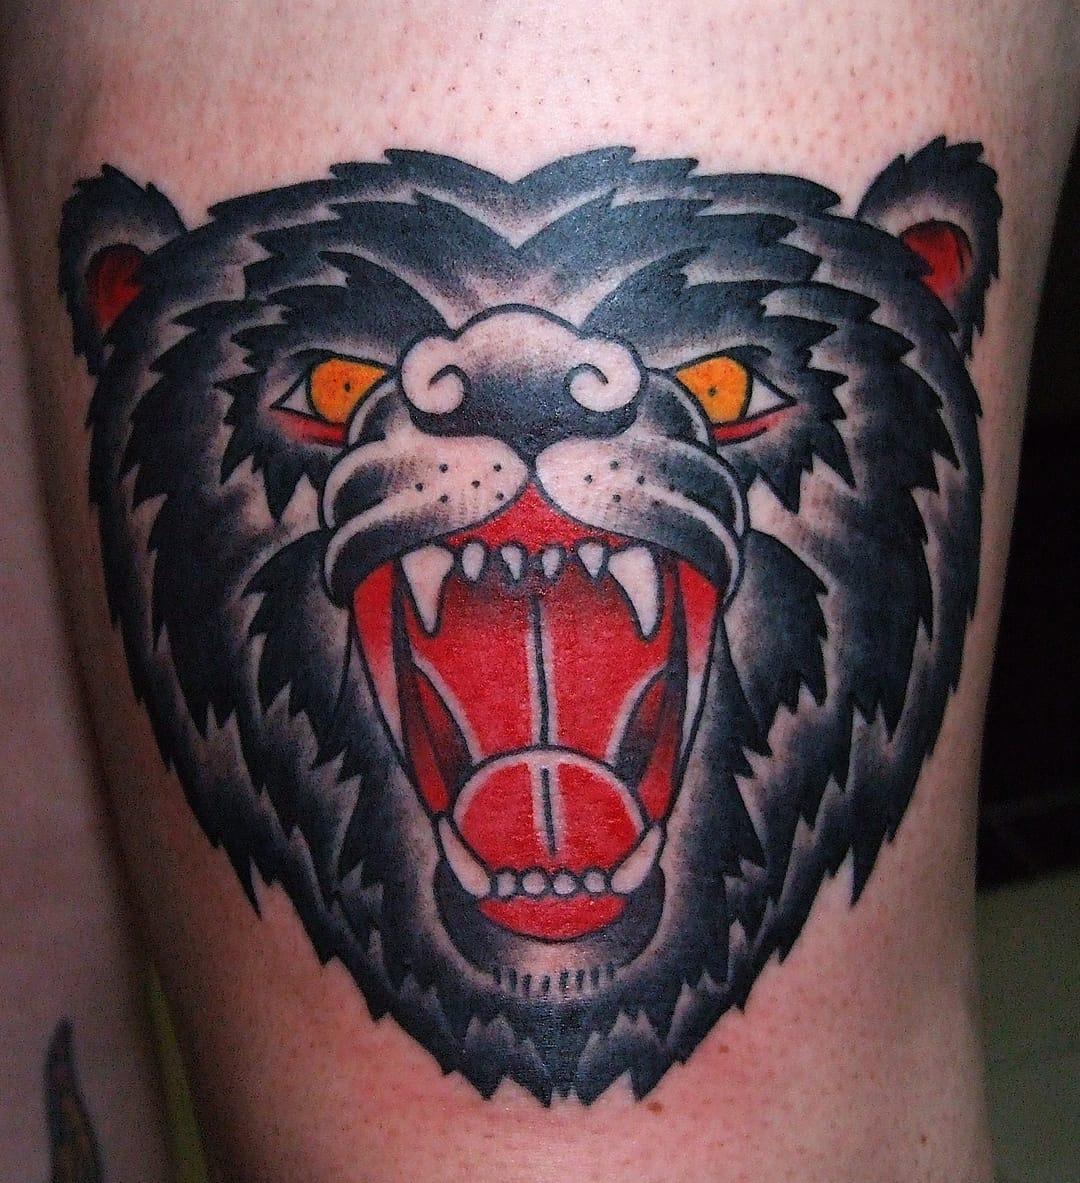 Bear head tattoo by Tom Burrey